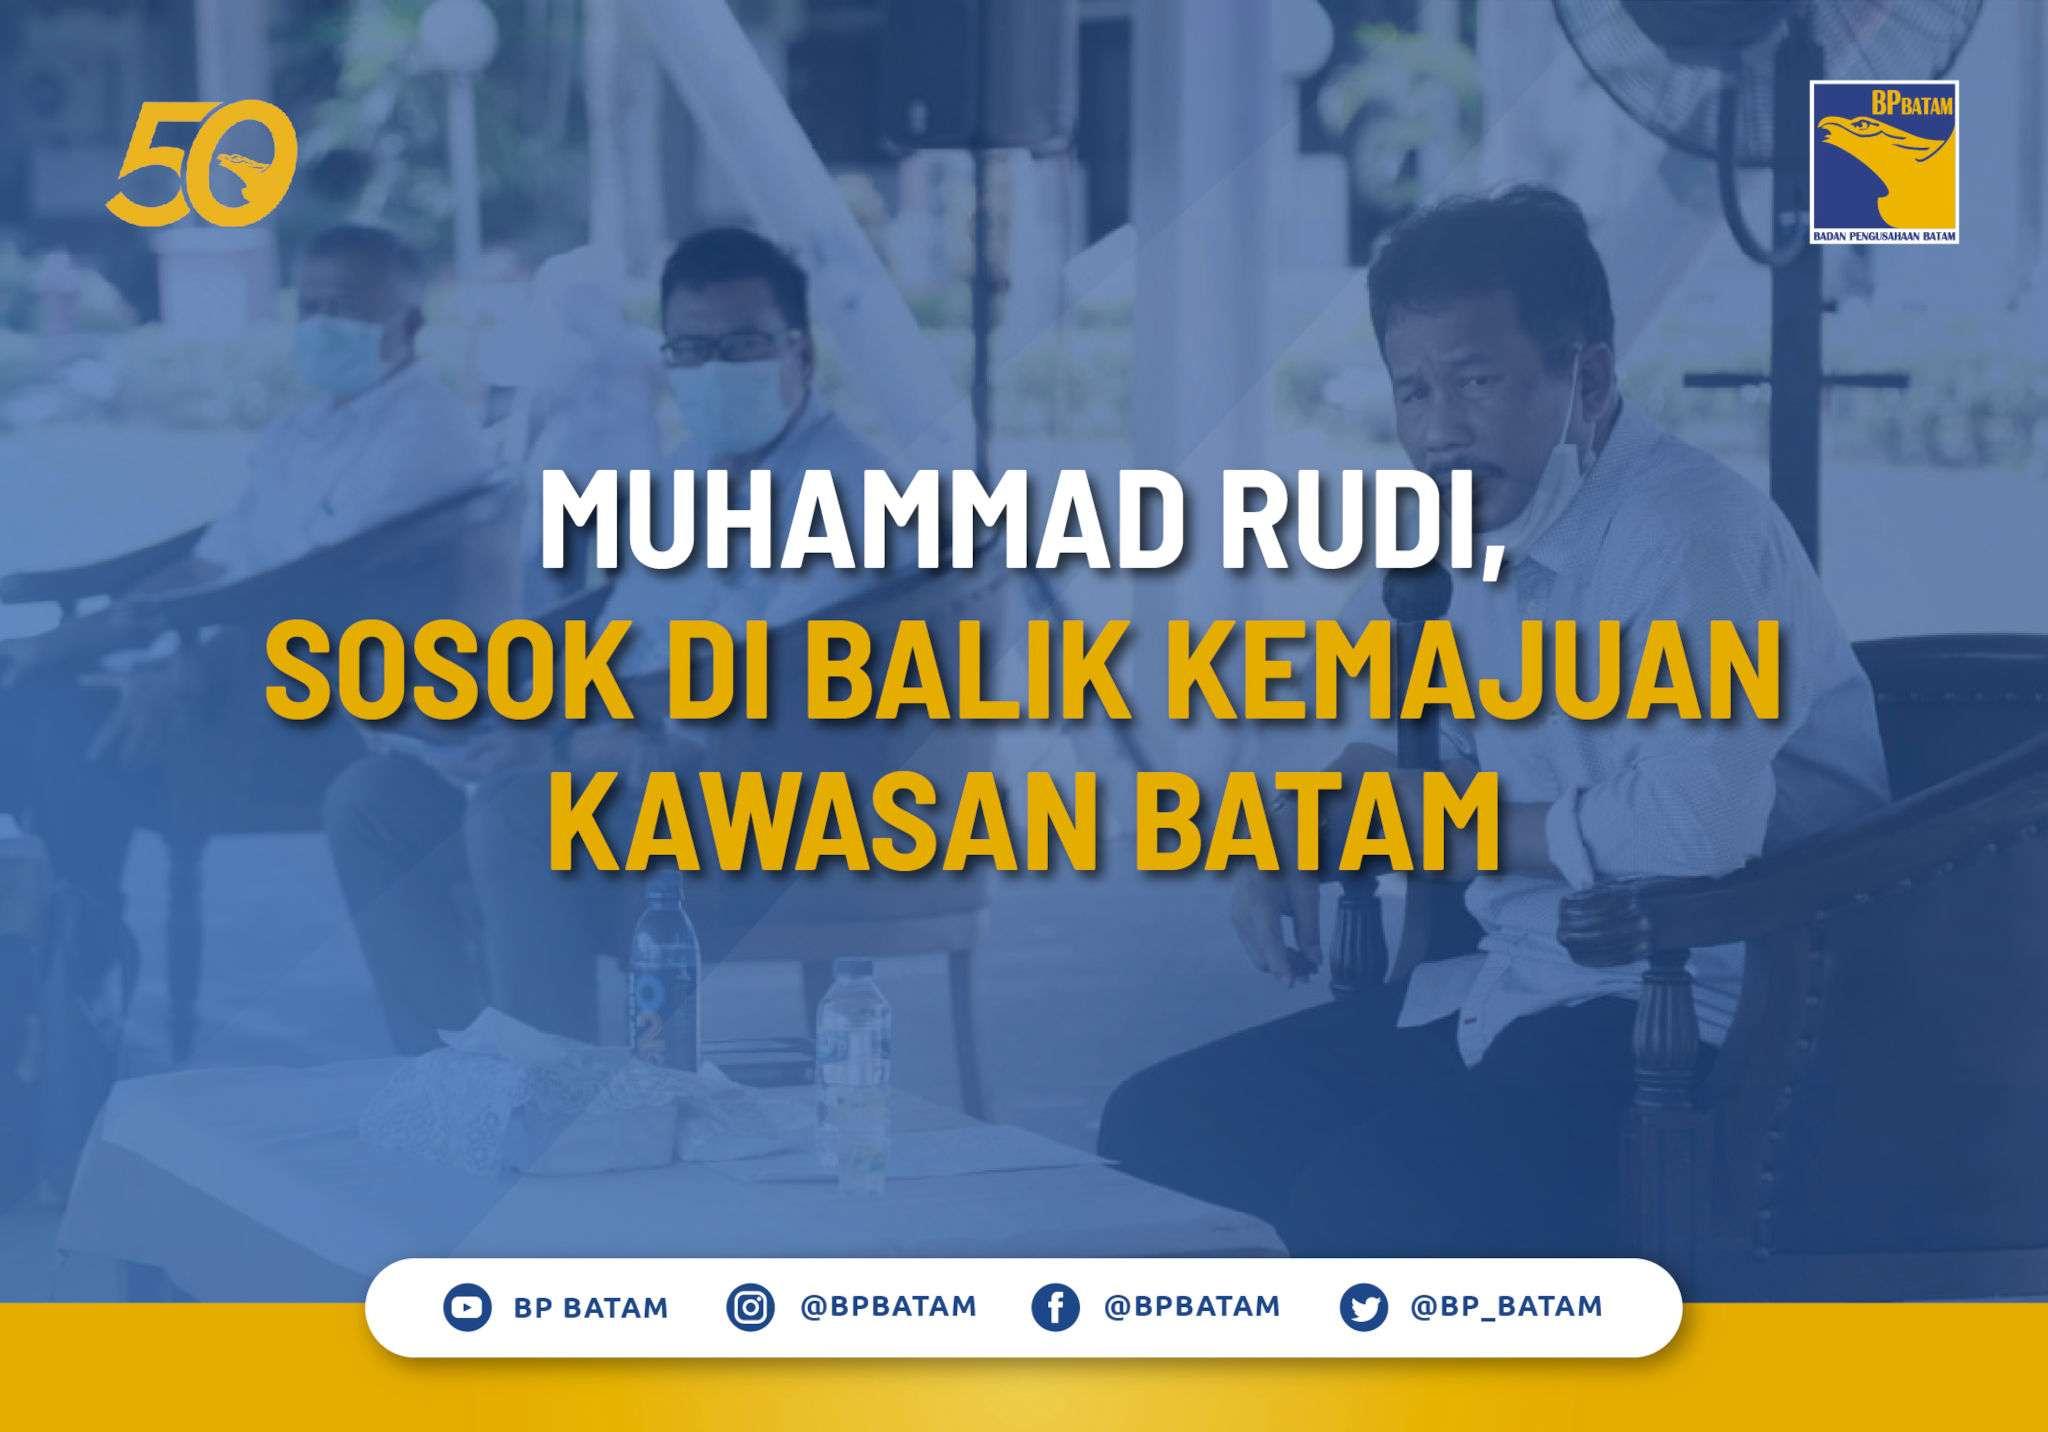 Muhammad Rudi Sosok di Balik Kemajuan Kawasan Batam